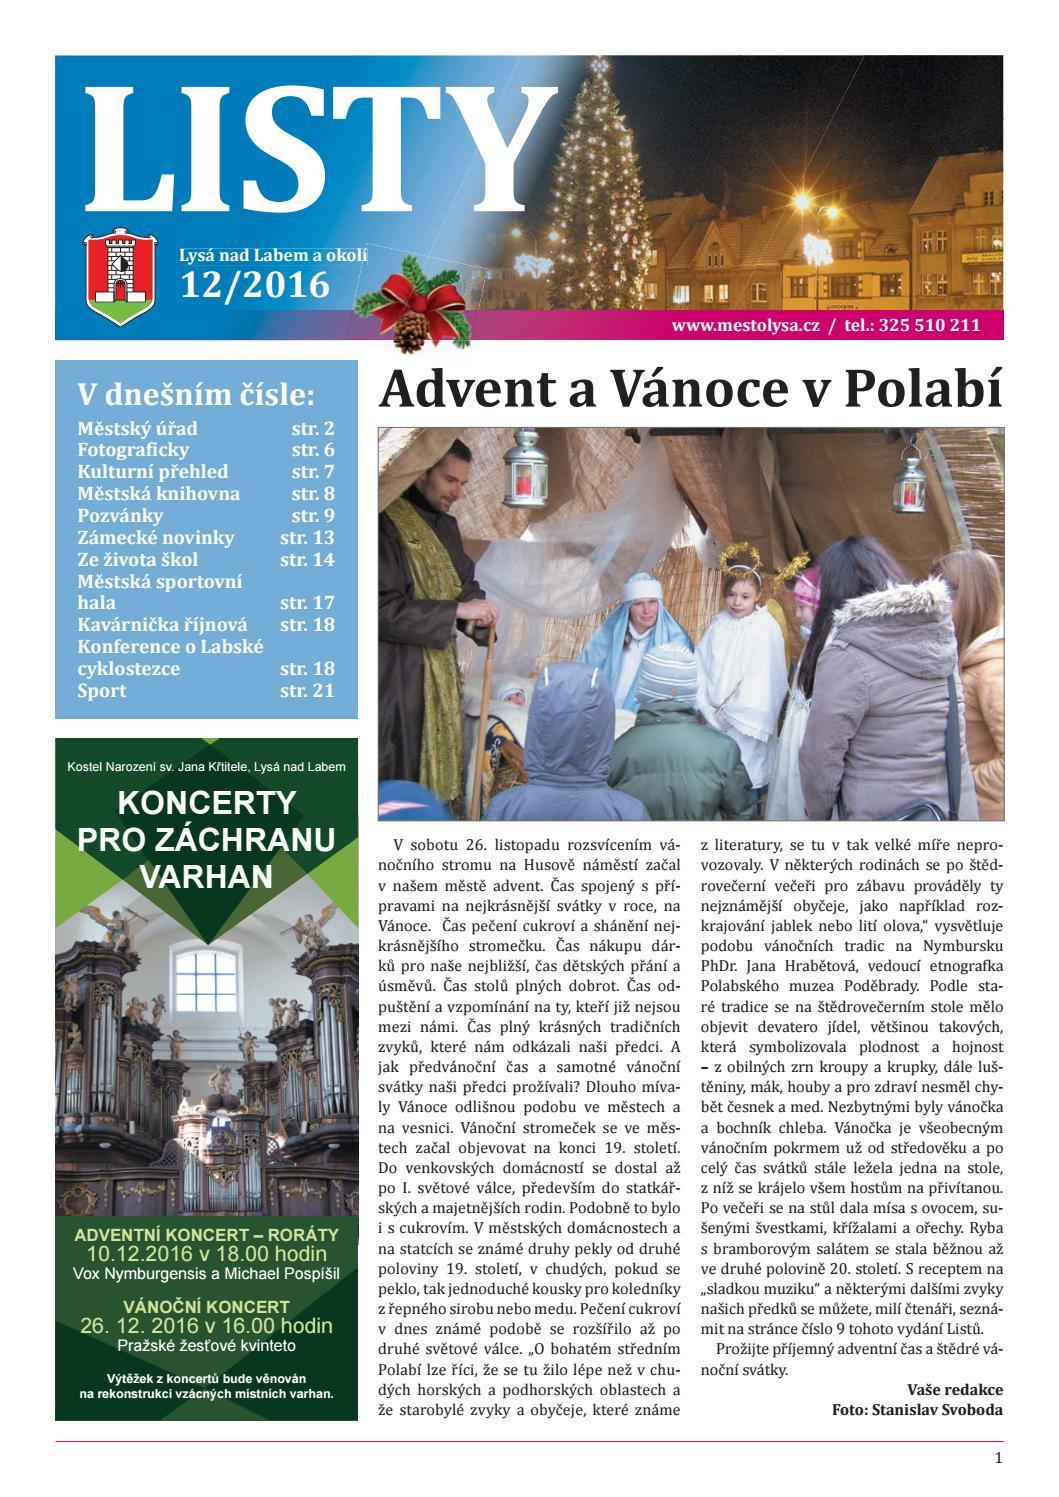 Penzion Polab - Okol - Perov nad Labem | alahlia.info